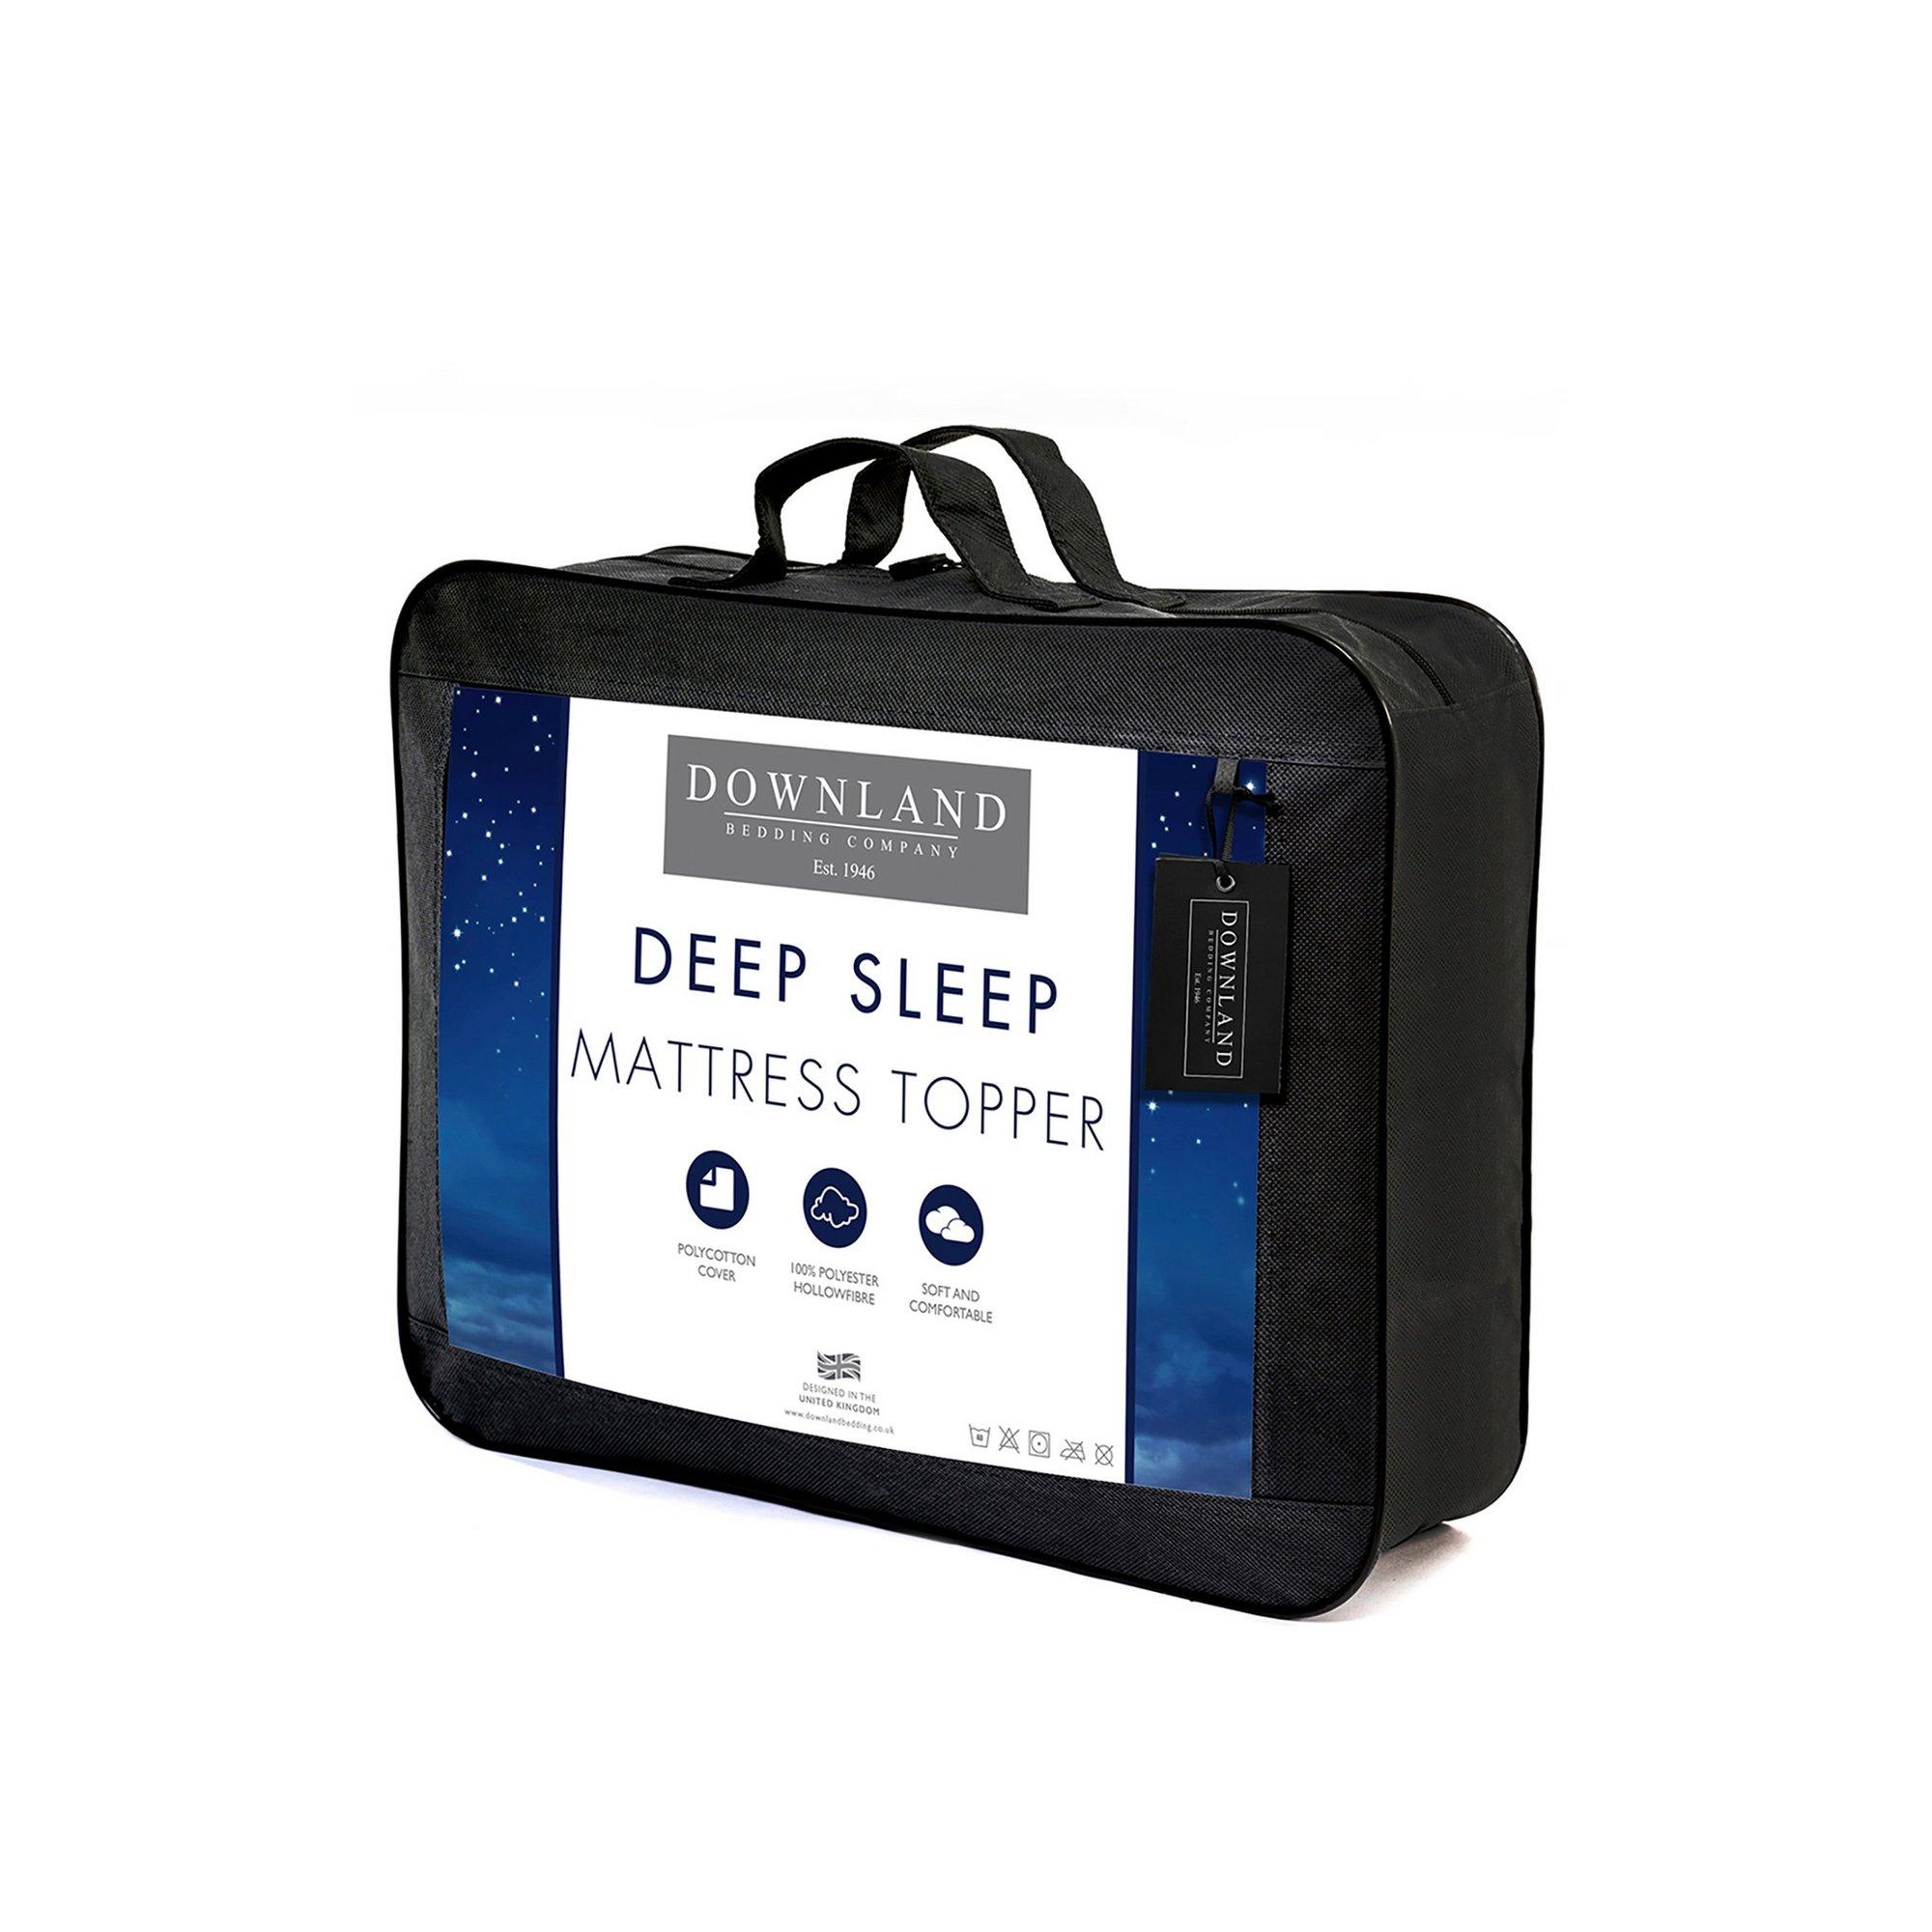 Image of Downland Deep Sleep Hollowfibre Mattress Topper